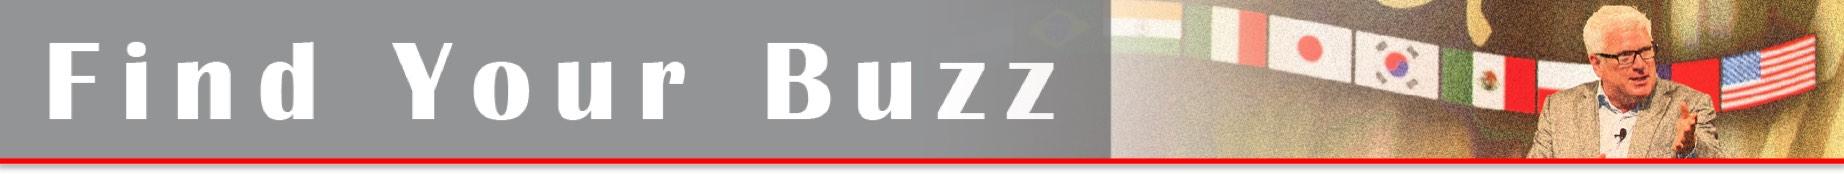 2015_Find_Your_Buzz_Blog_Banner_V2